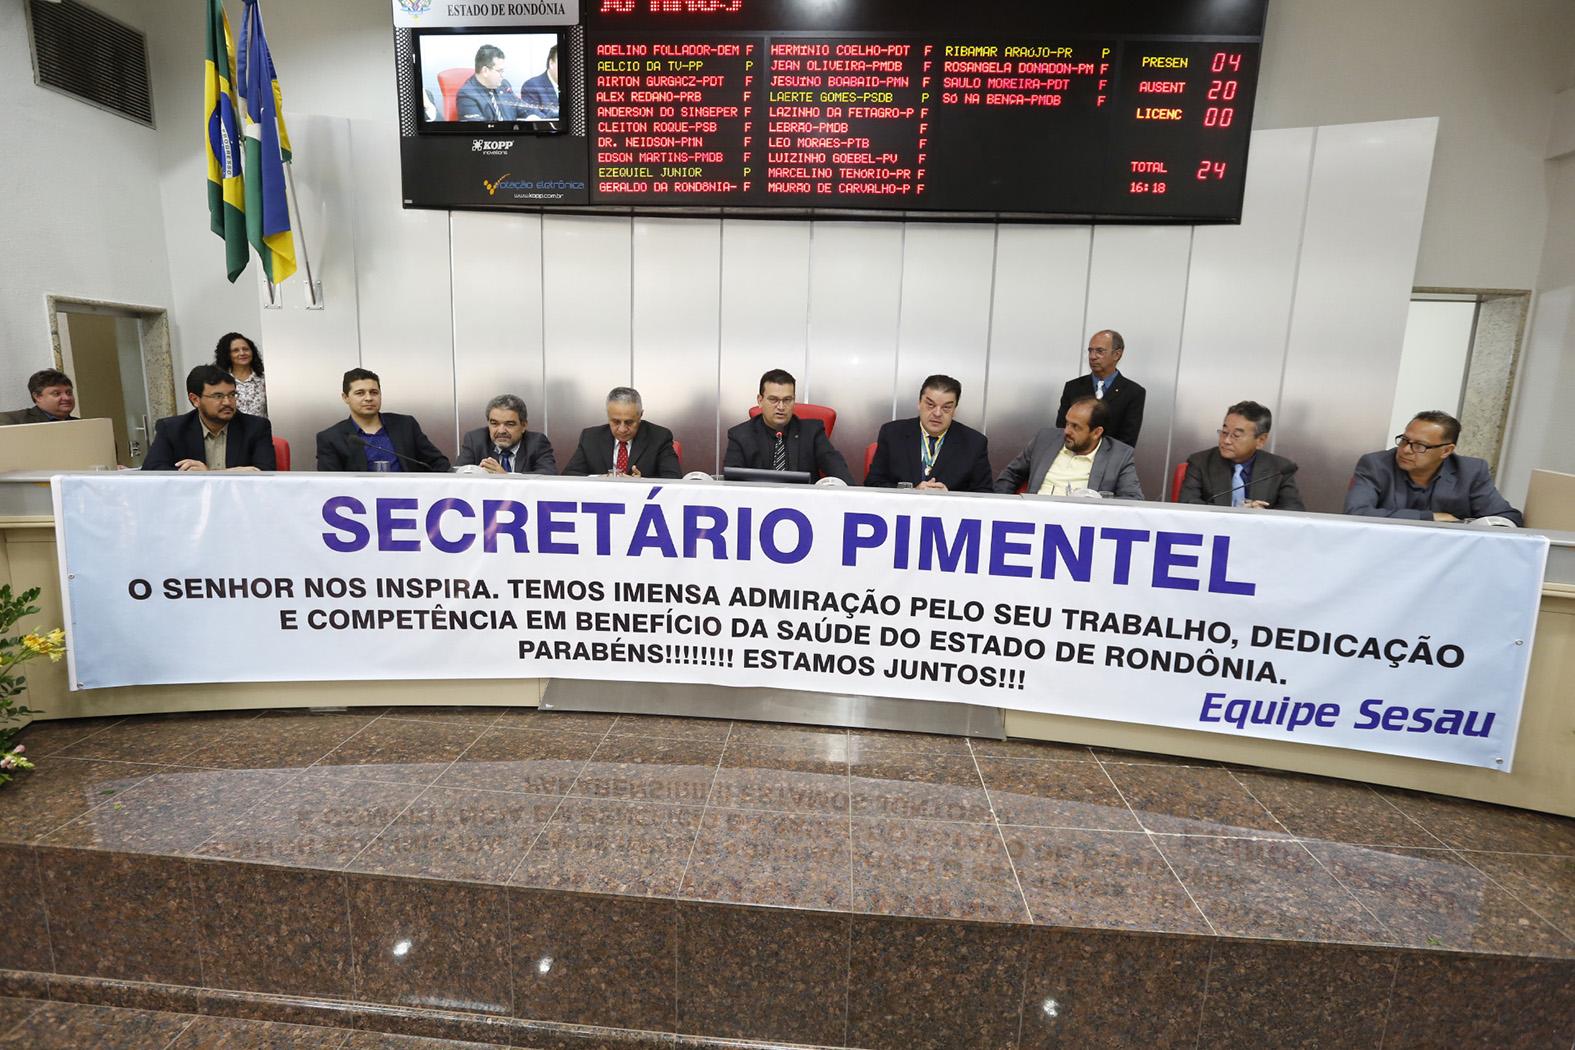 Secret_rio Williames Pimentel _ homenageado na Assembleia Legislativa-17Ab17-Jos_ Hilde-Decom-ALE-RO (13)